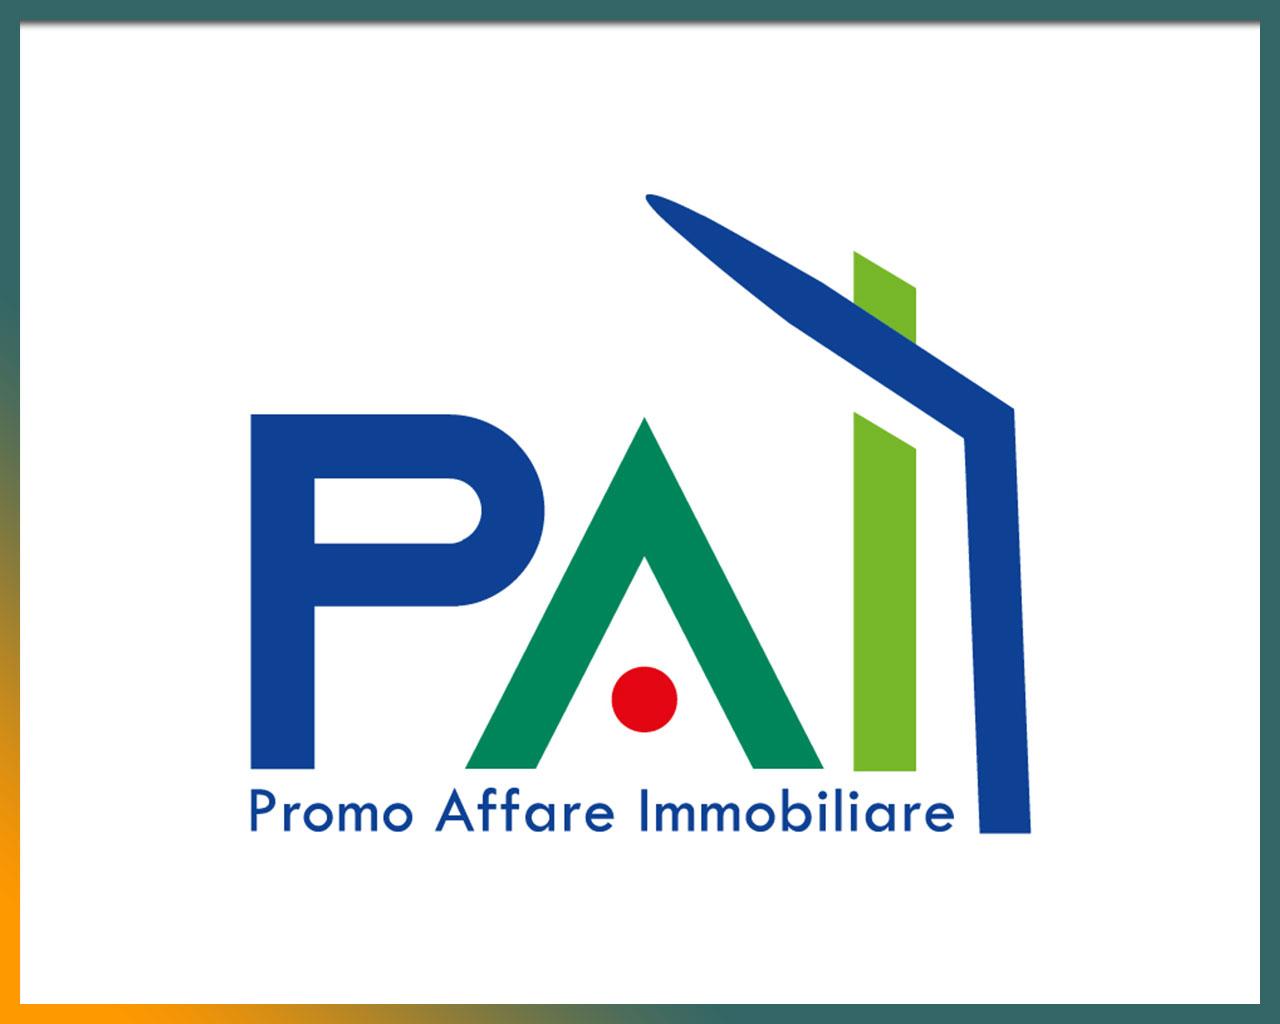 Logo Definitivo Promo Affare Immobiliare - Portfolio Gallesio